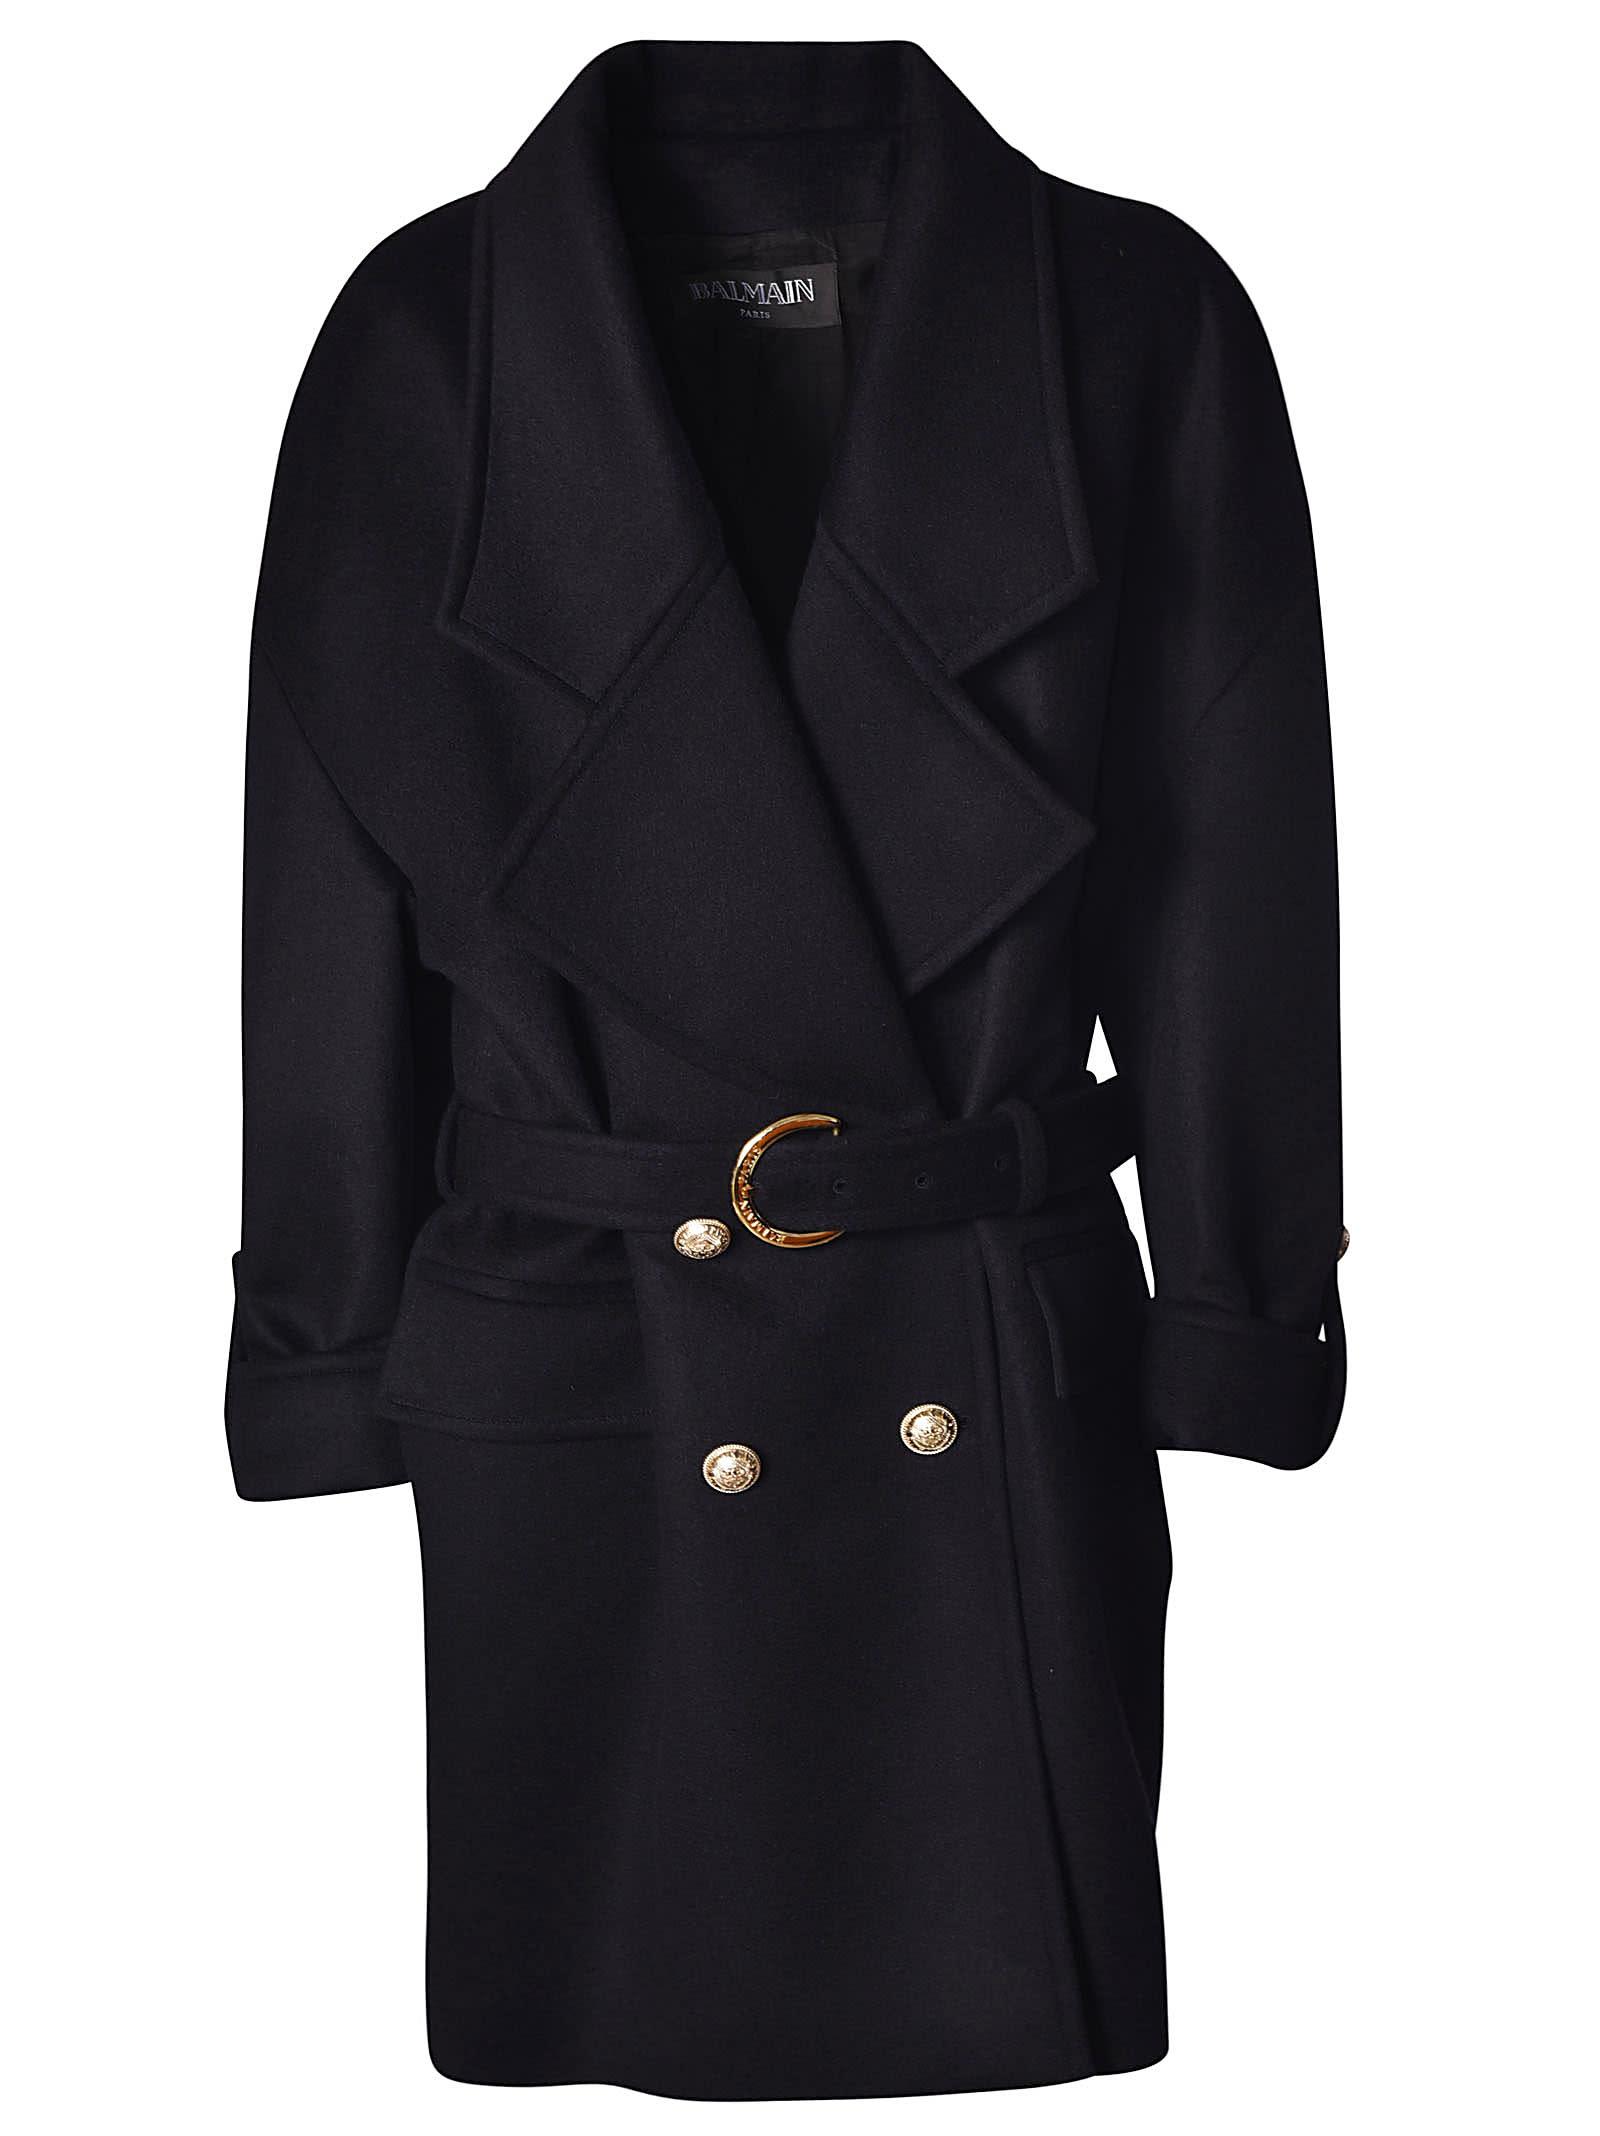 Balmain Belted Coat